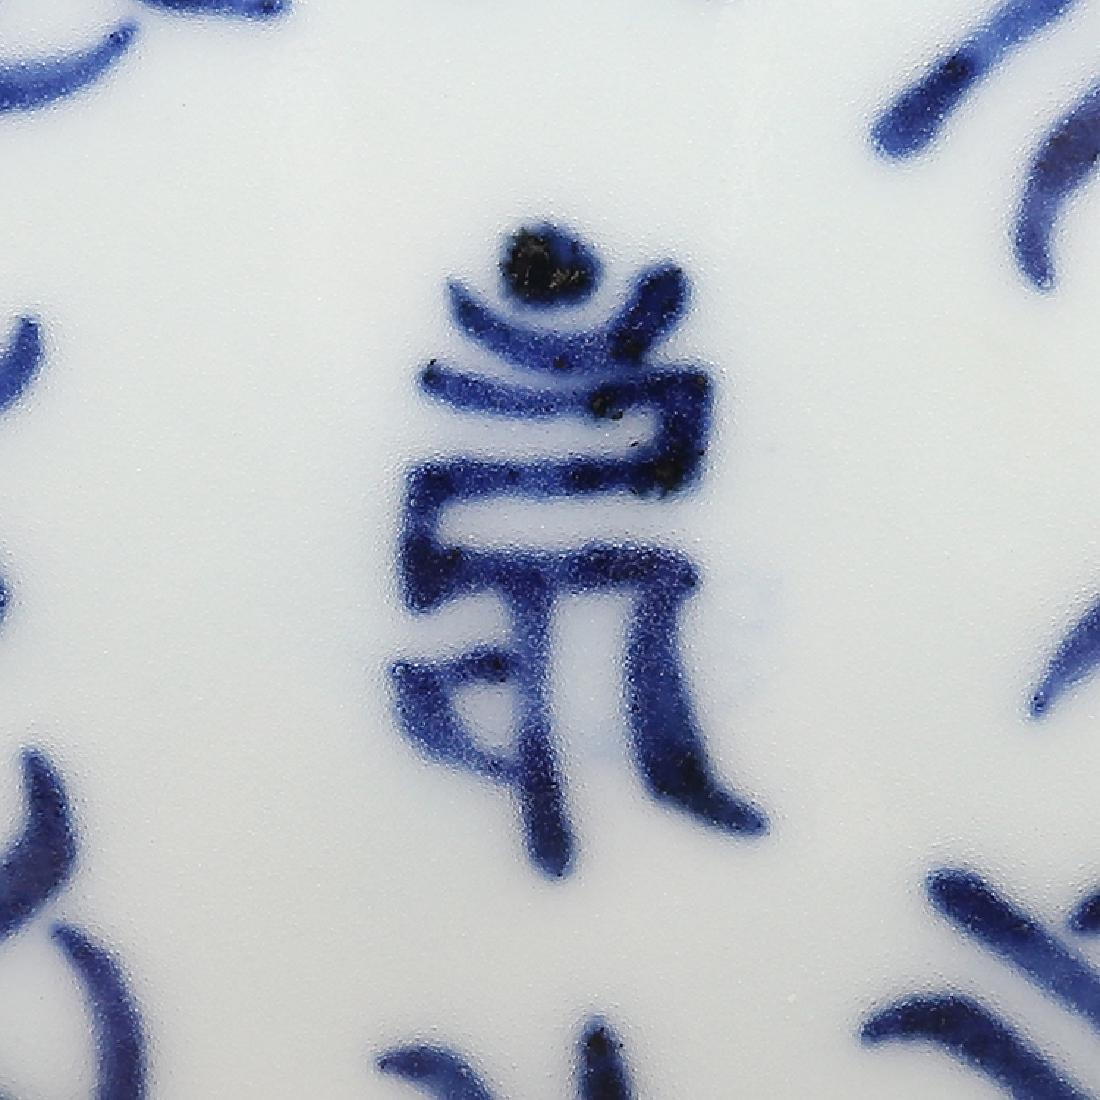 Daedeji Mascot Sanskrit Sanskrit Box Indonesia Box - 3